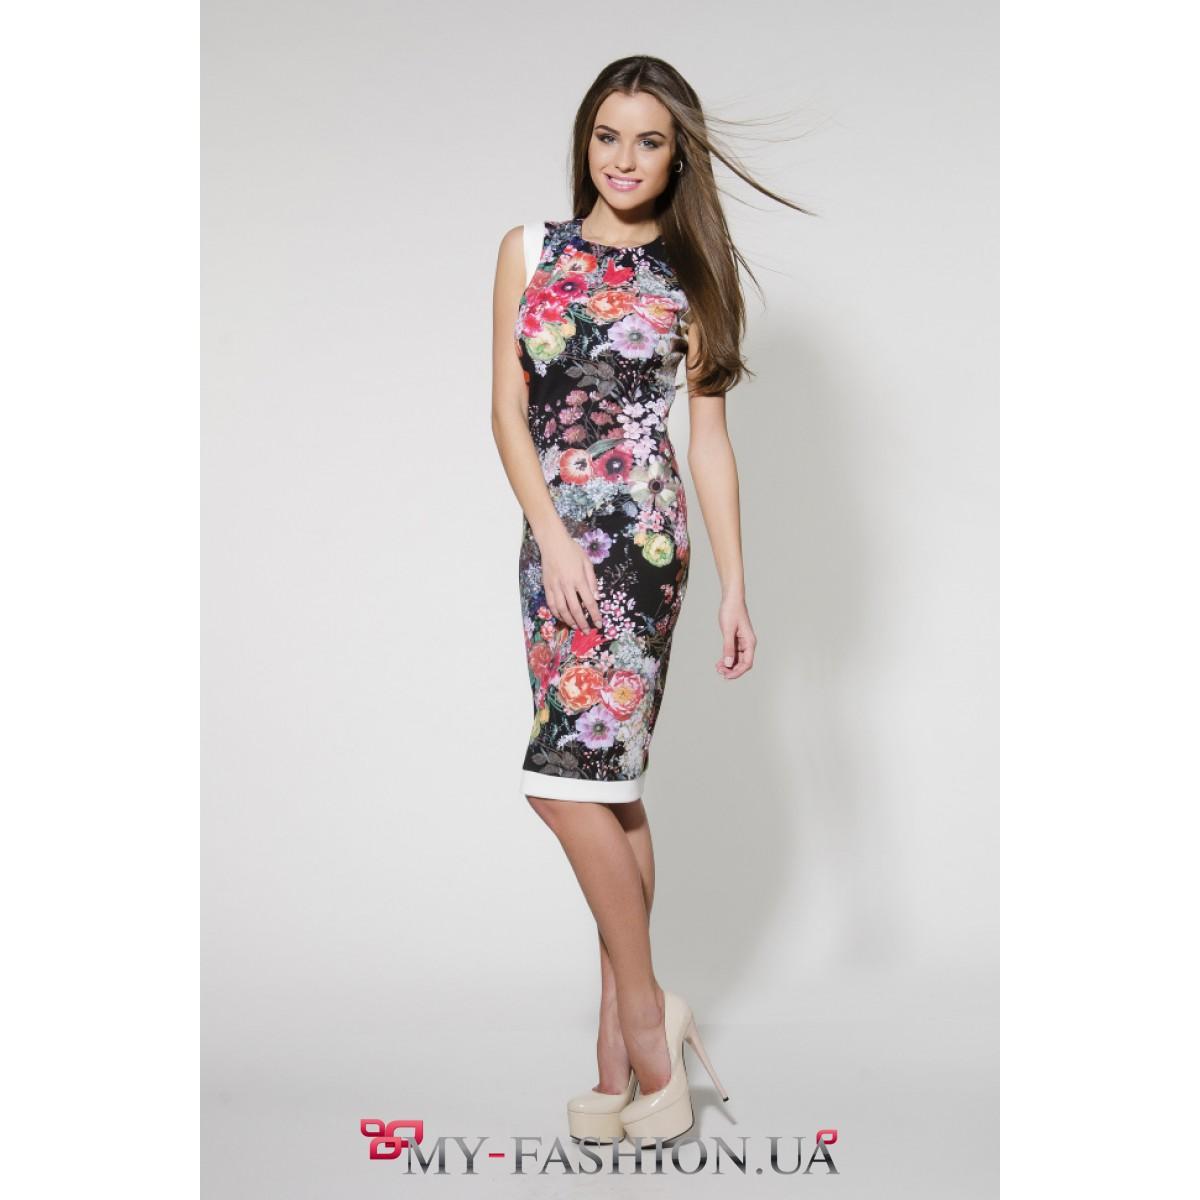 Цветочное платье доставка